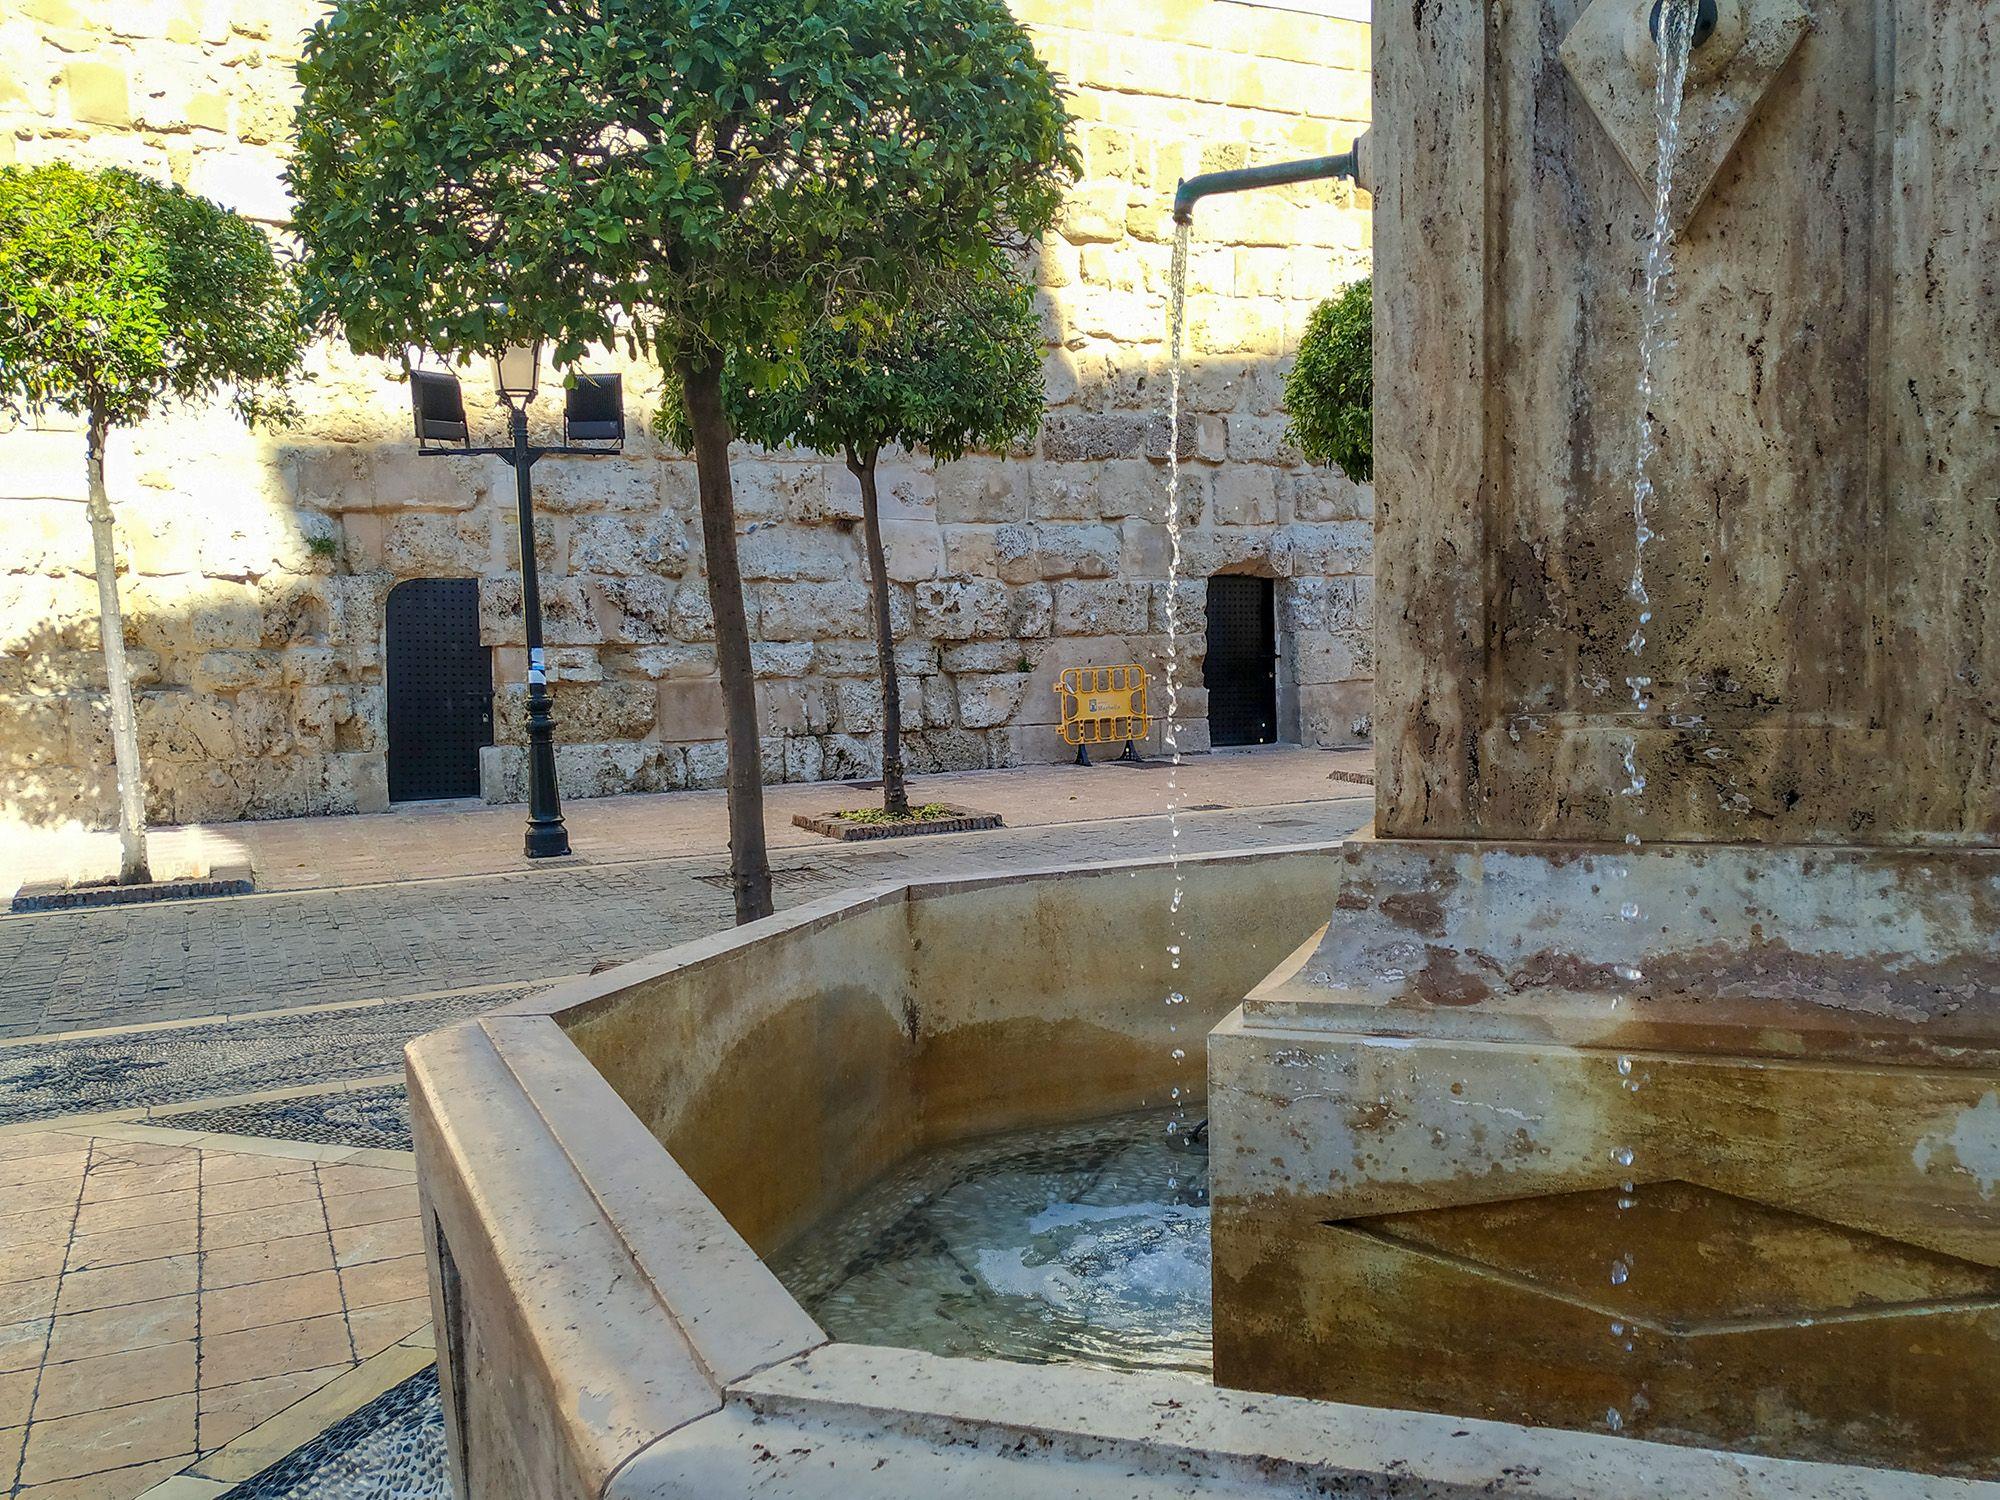 Plaza de la Iglesia, Marbella